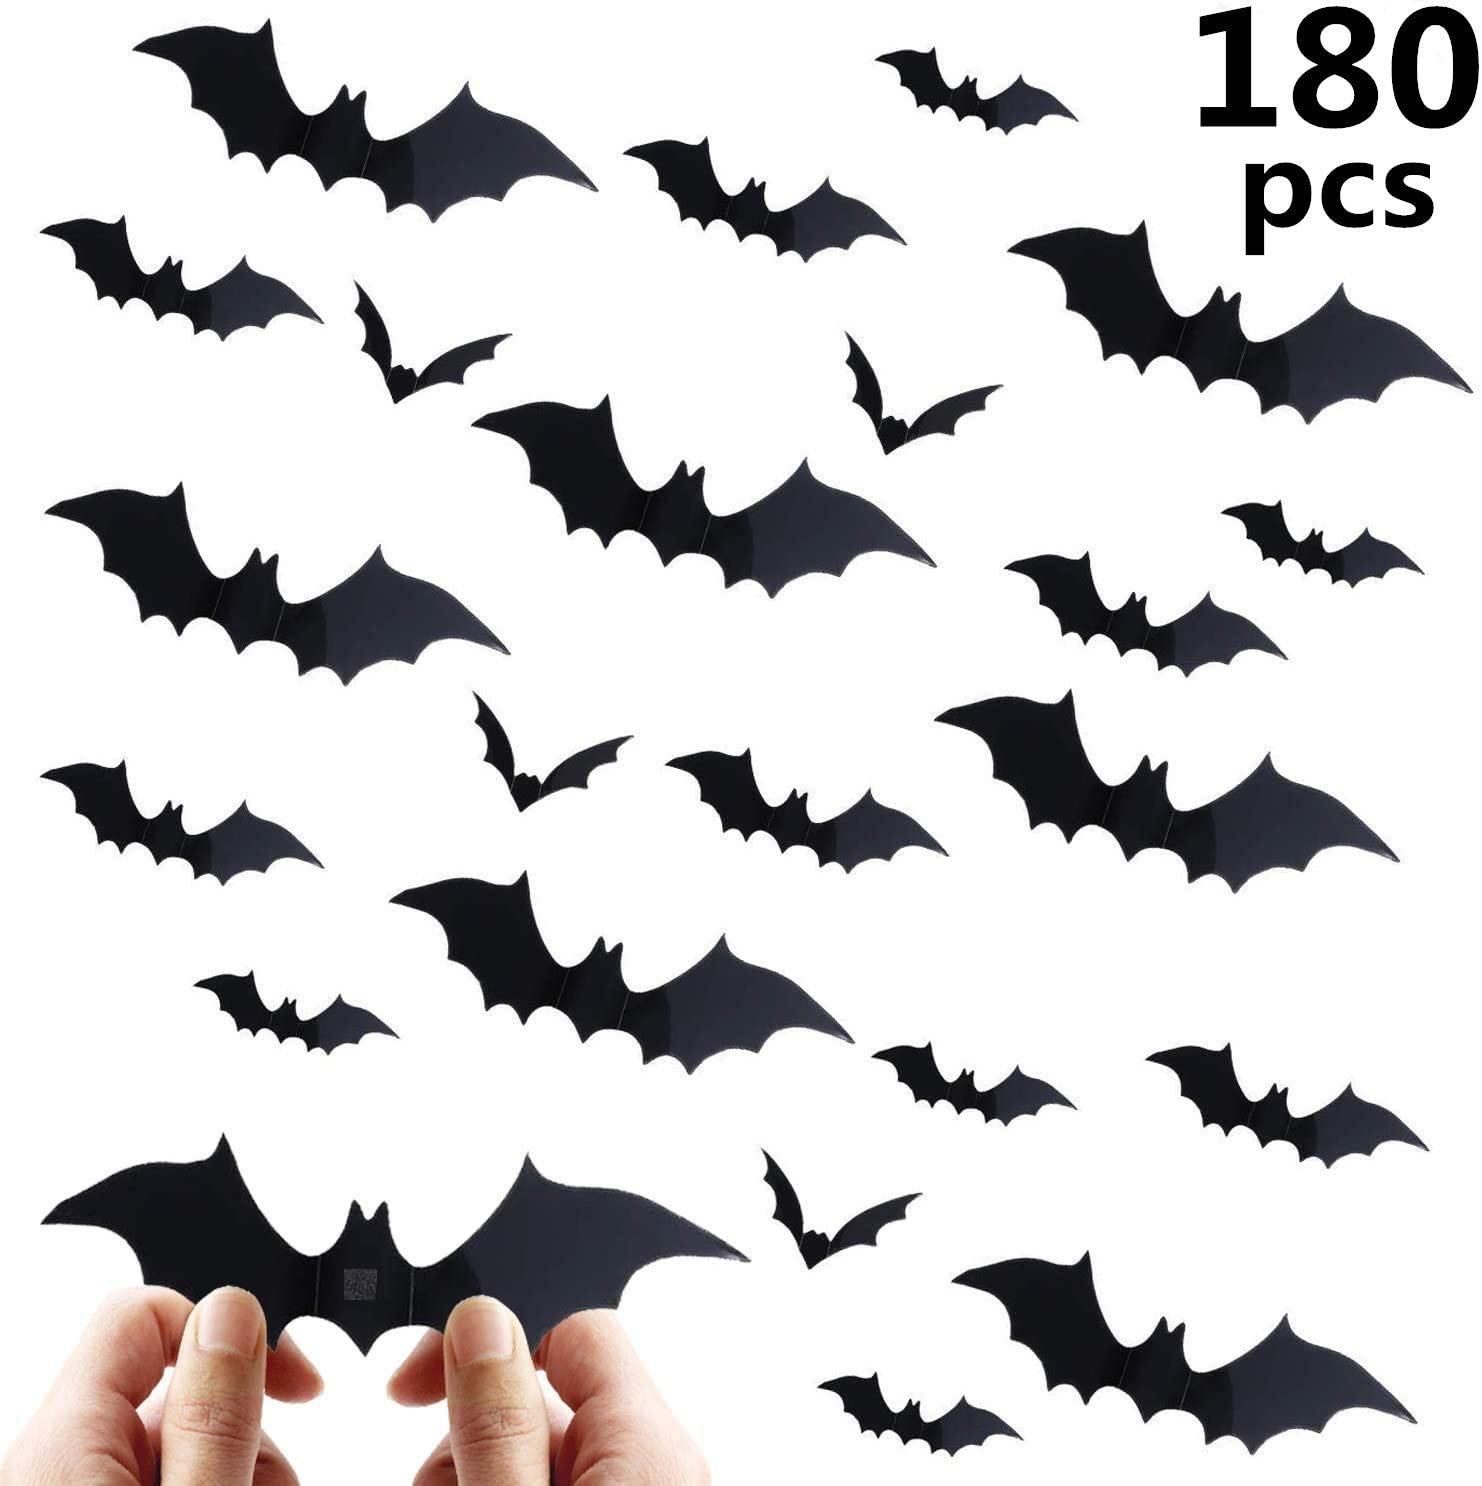 Beauthard Halloween Decorations Bat Wall Decals Stickers Decor 180 Pack, Extra Large 3D Bats Window Decals, Bat Halloween Door Décor